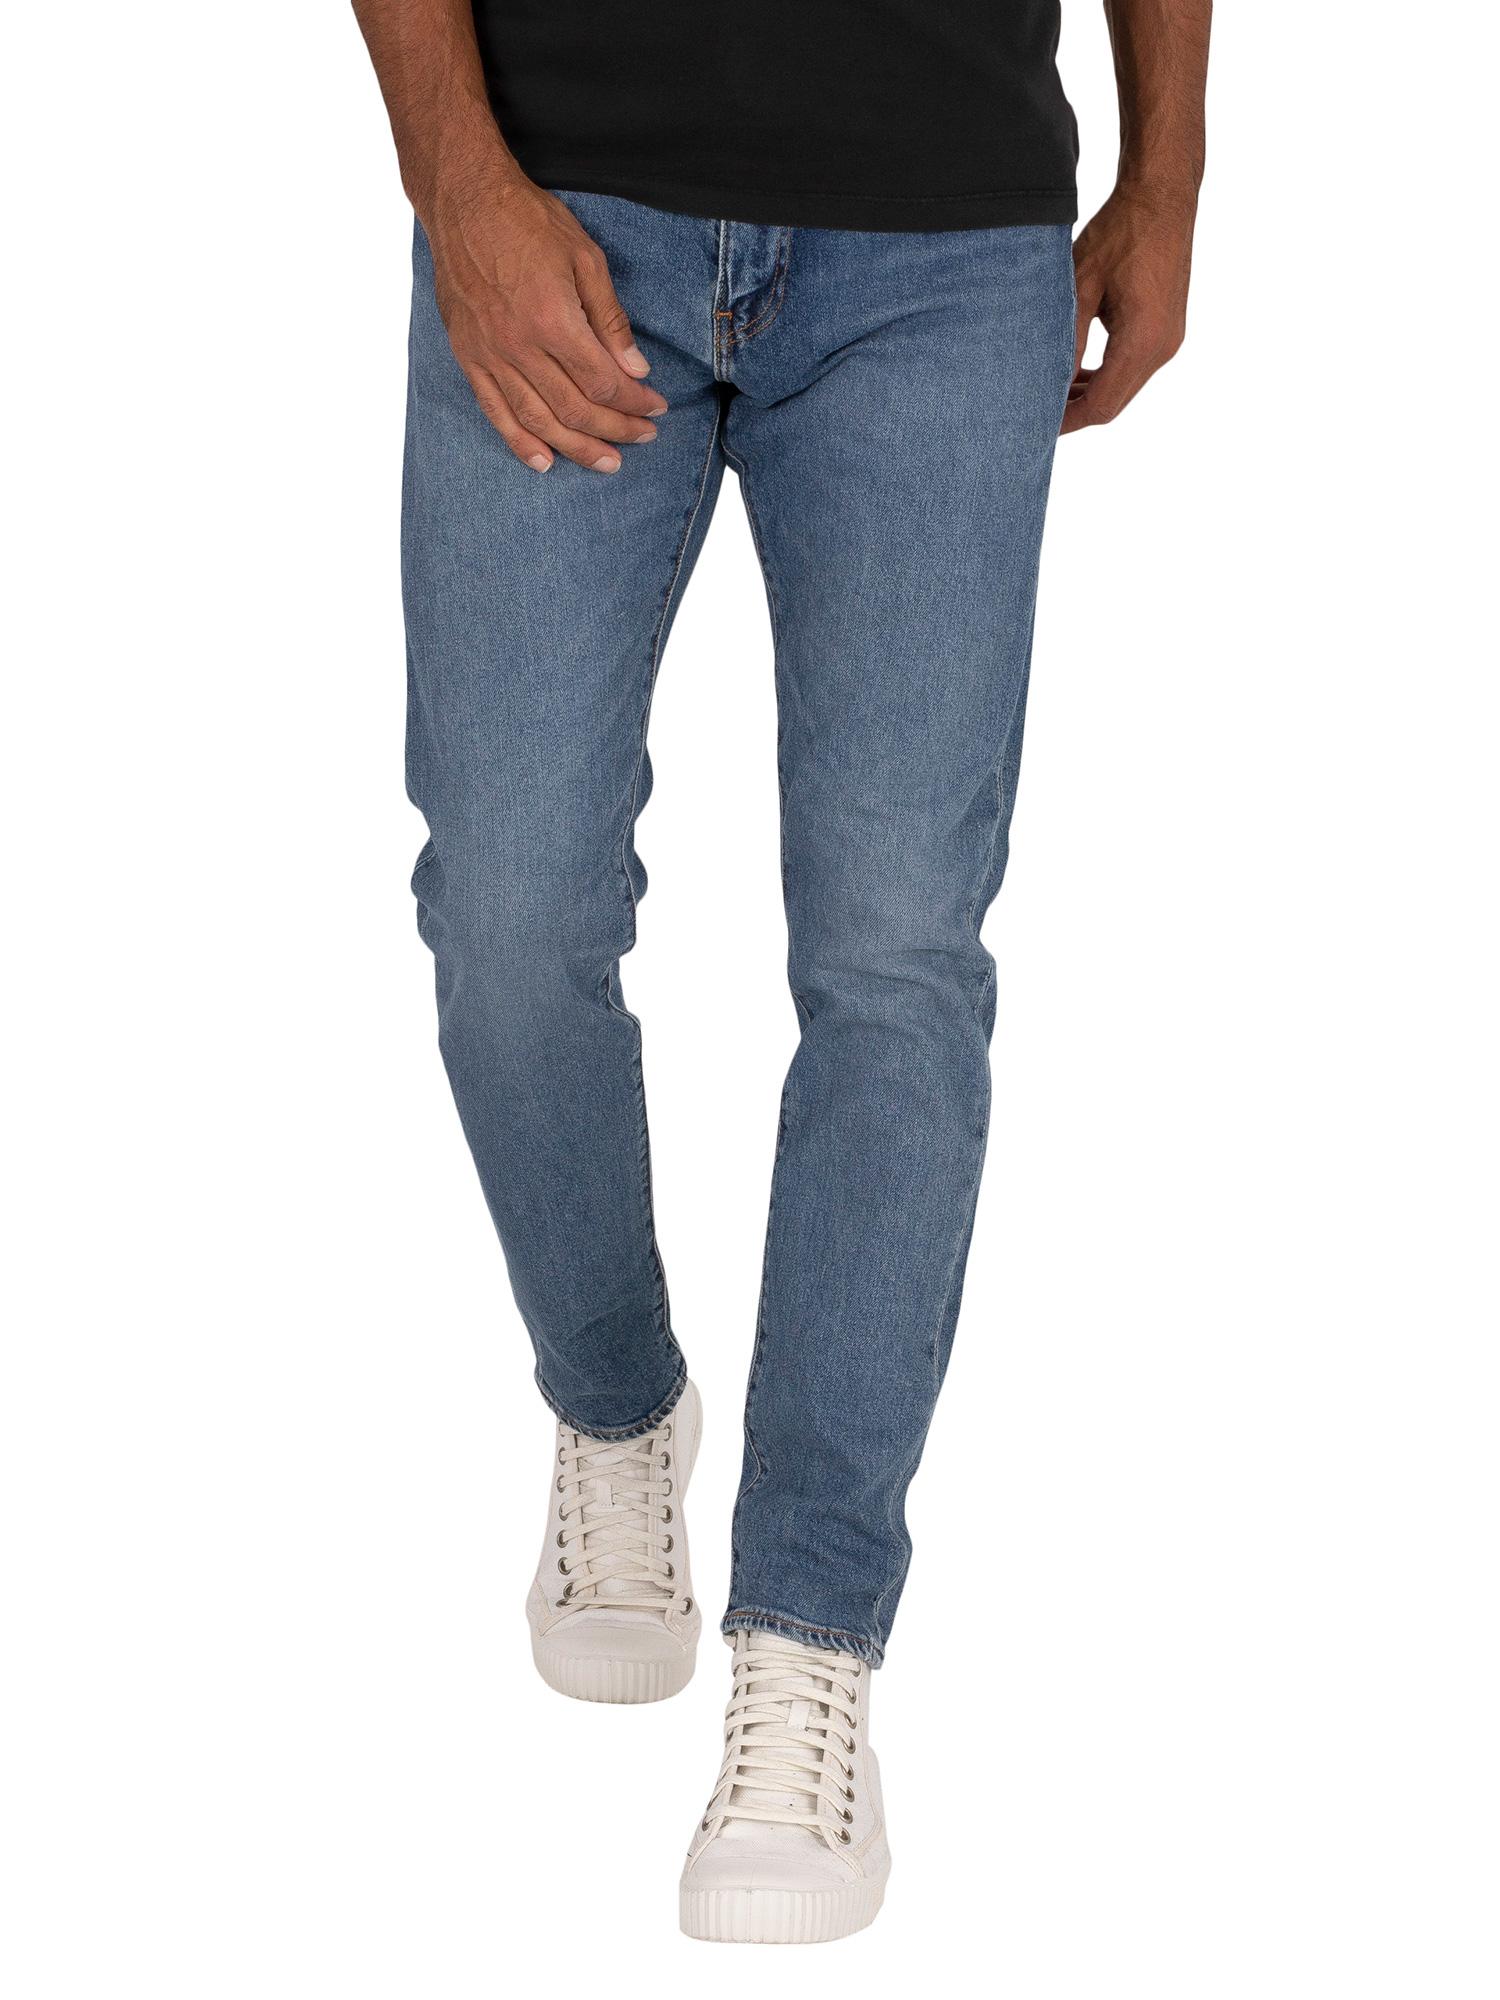 512-Slim-Taper-Jeans